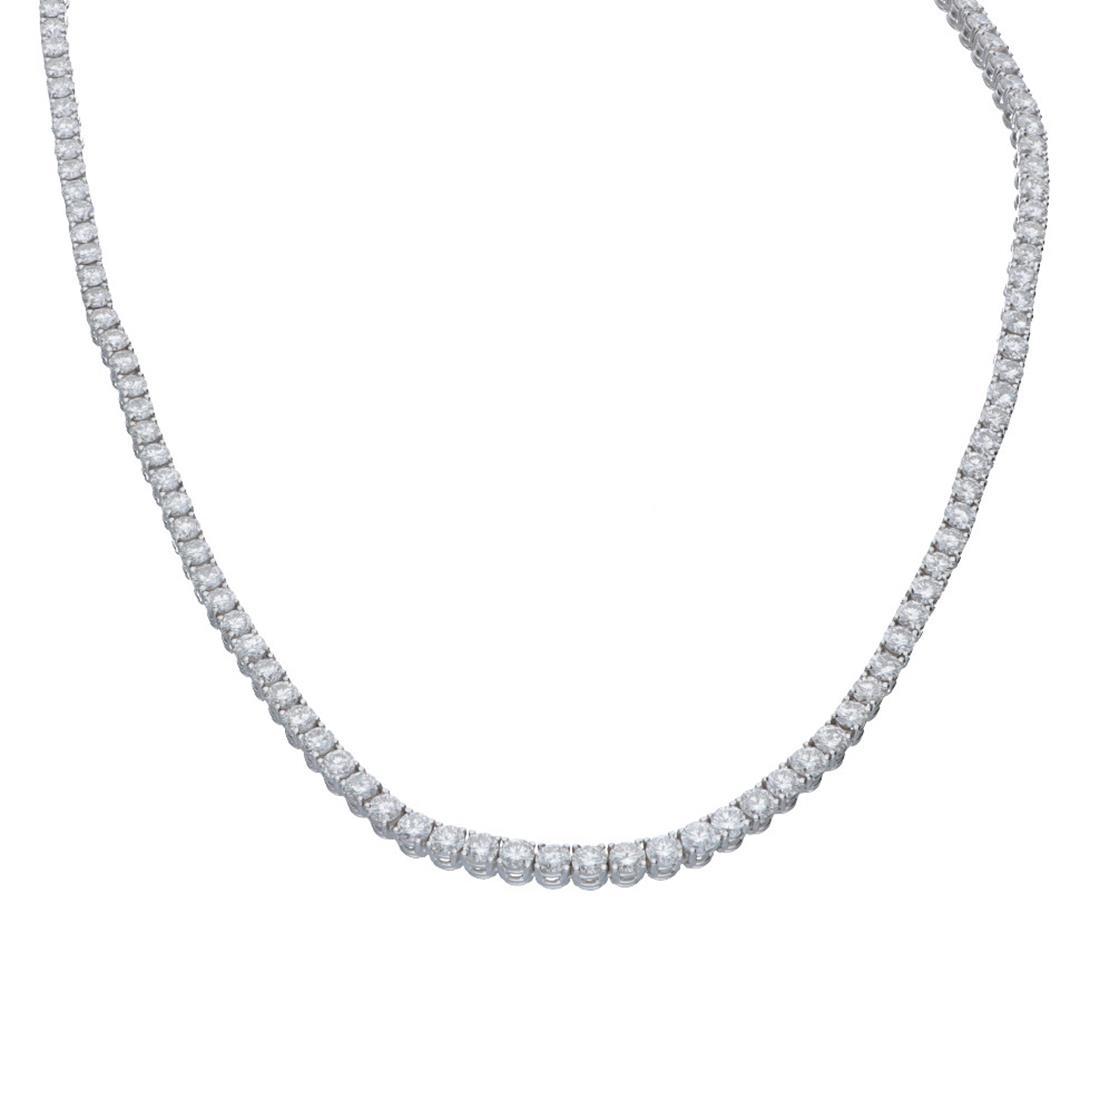 Collana tennis in oro bianco con diamanti 13.56 ct - ALFIERI & ST.JOHN